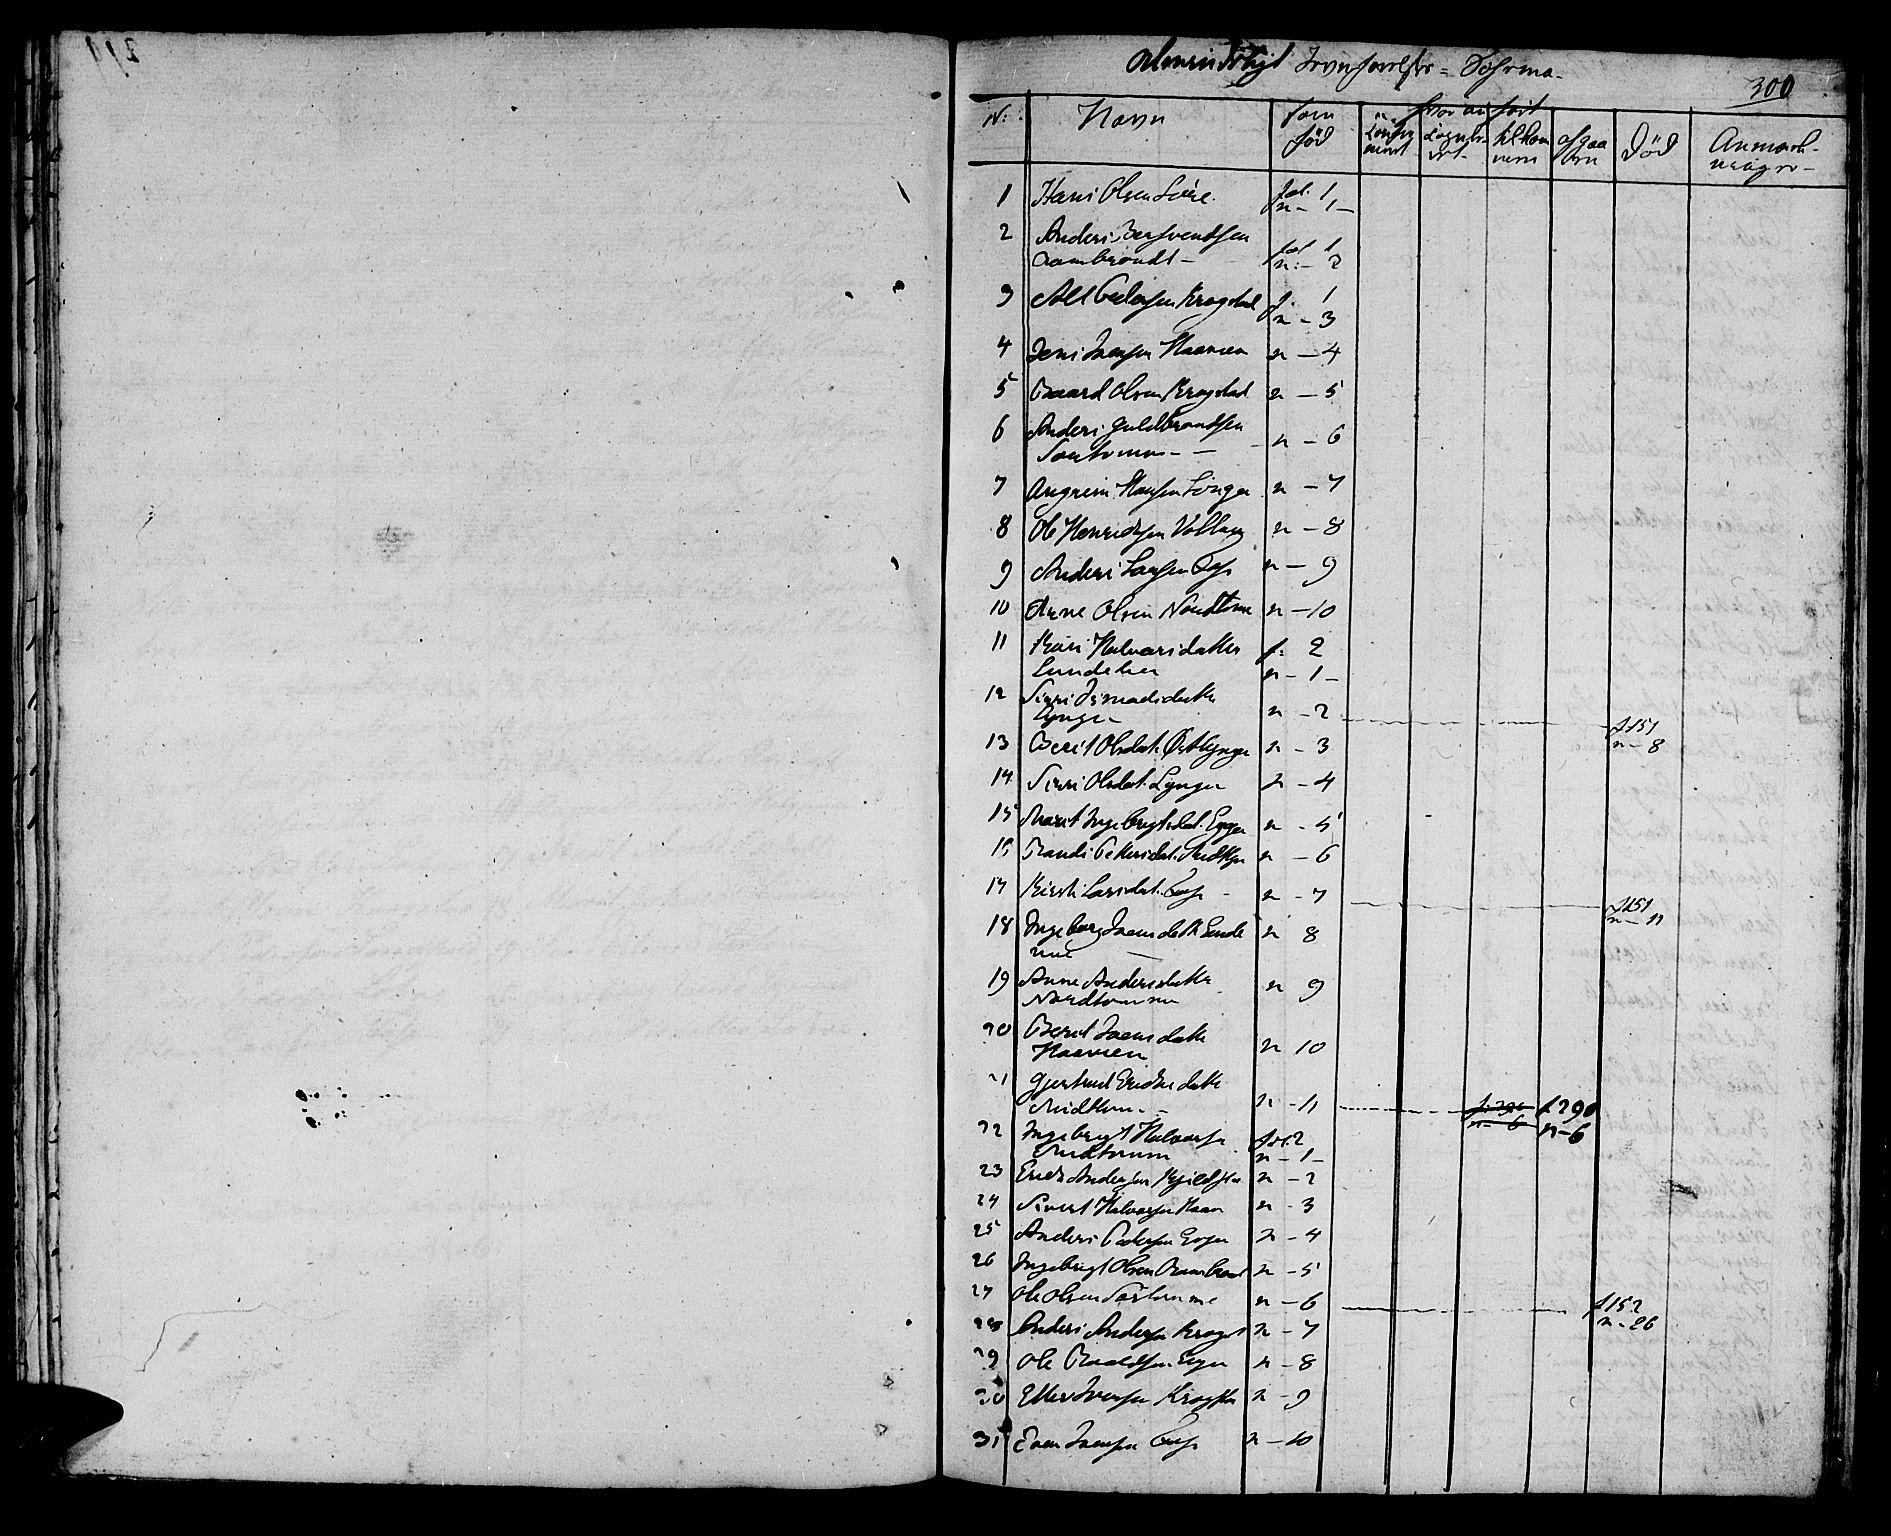 SAT, Ministerialprotokoller, klokkerbøker og fødselsregistre - Sør-Trøndelag, 692/L1108: Klokkerbok nr. 692C03, 1816-1833, s. 300